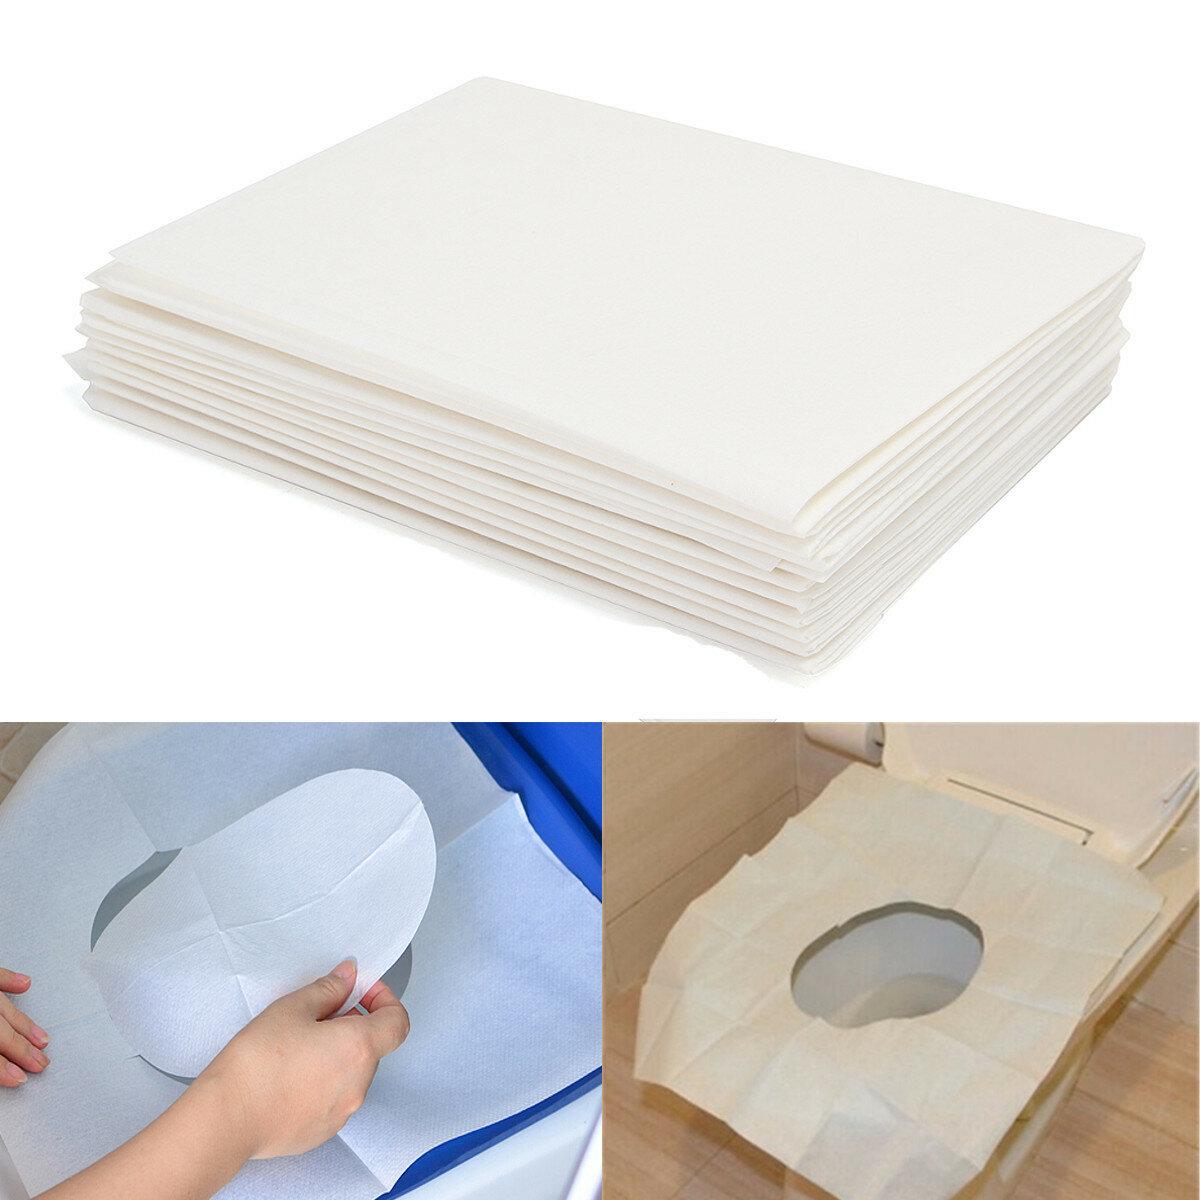 10 stk toilet sædebetræk papir rejse biologisk nedbrydelig disponibel hygiejne